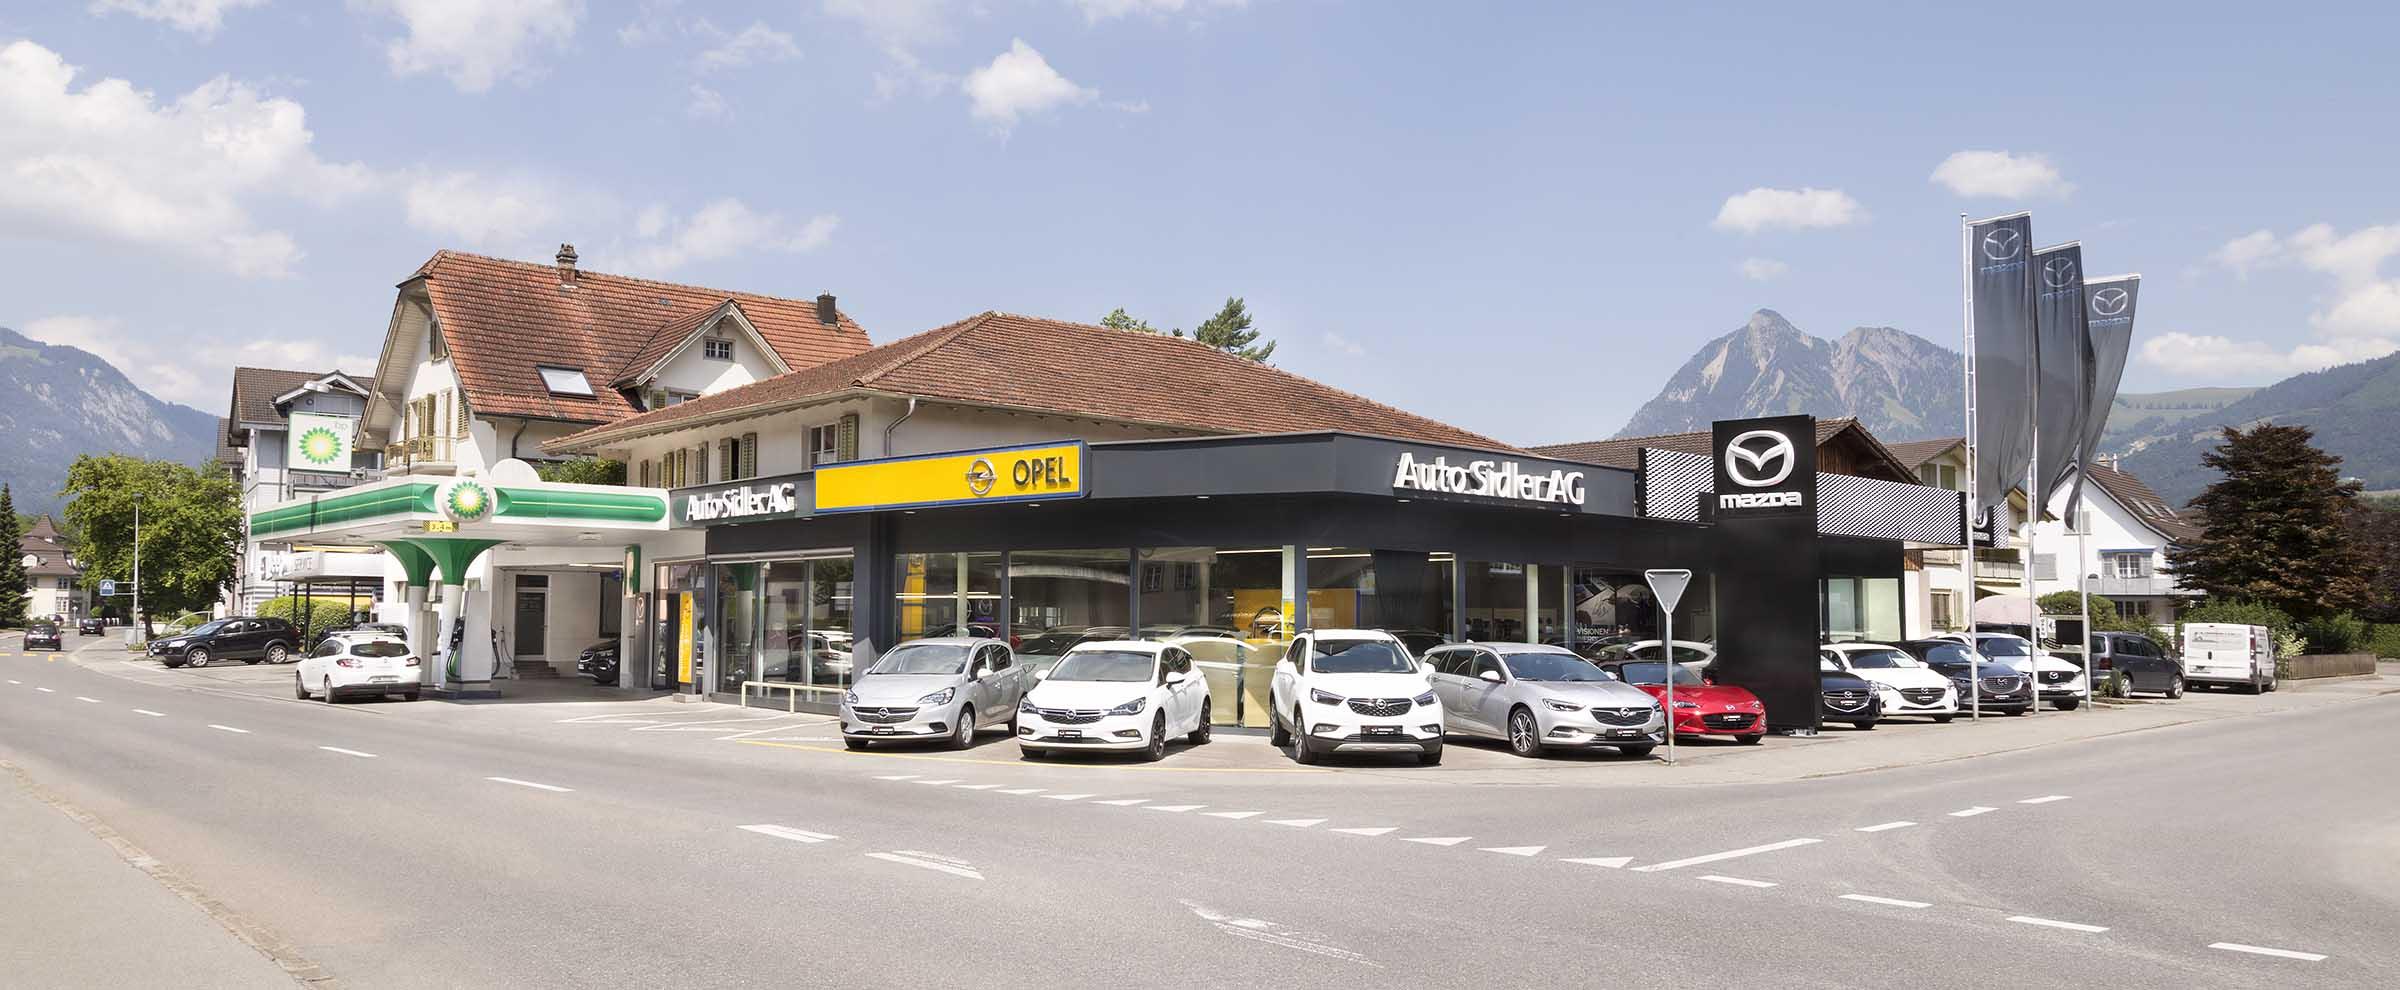 Auto Sidler Sarnen Obwalden - Galliker Gruppe